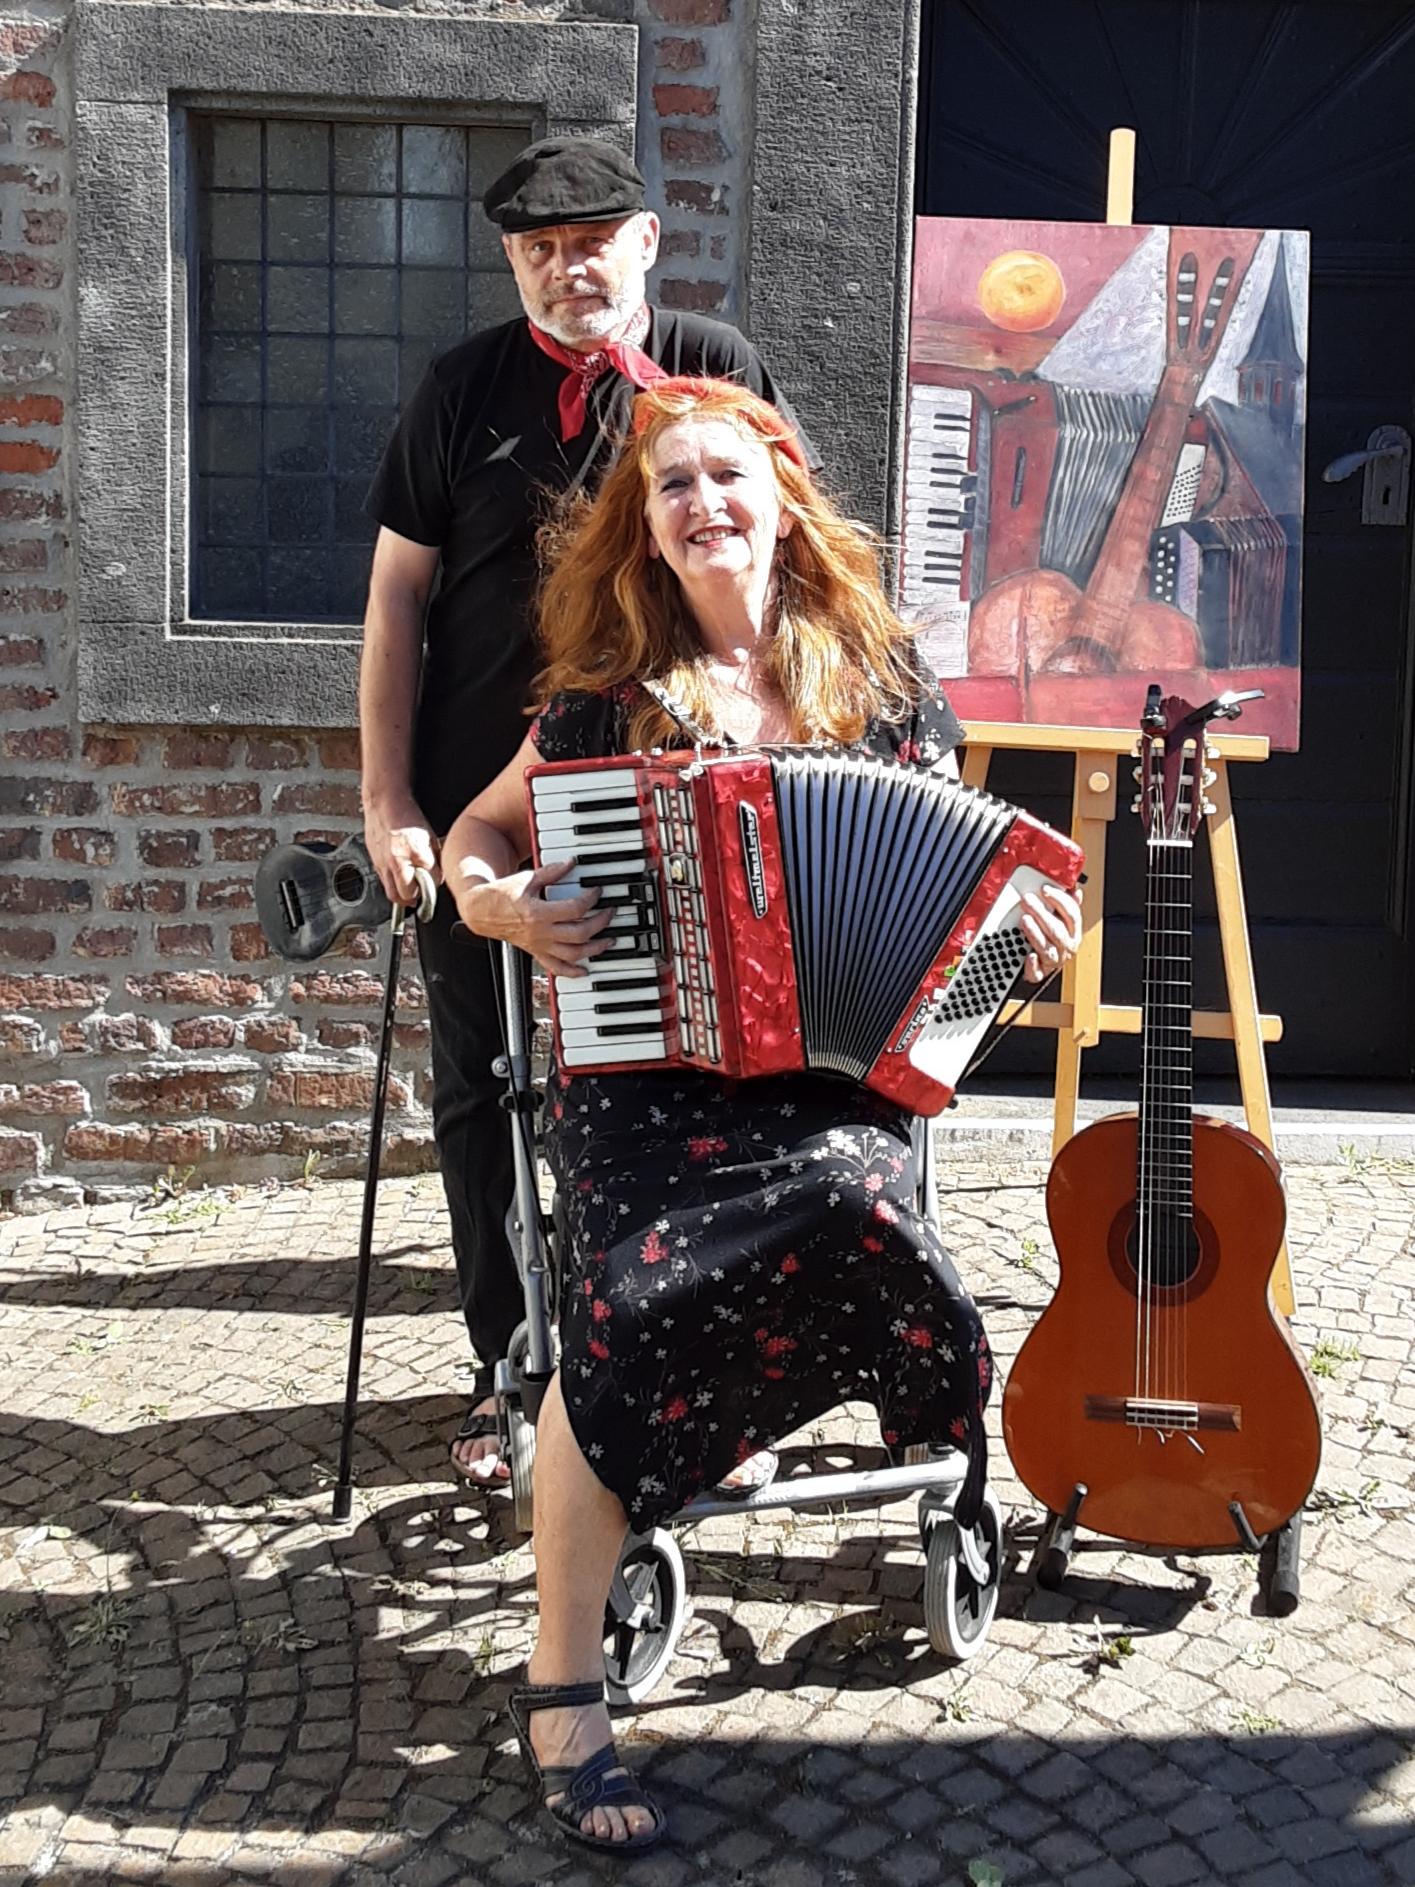 Liedermacher-Duo Irmgard Maria Jansen Otto & Wojtek Ryszard Tyc